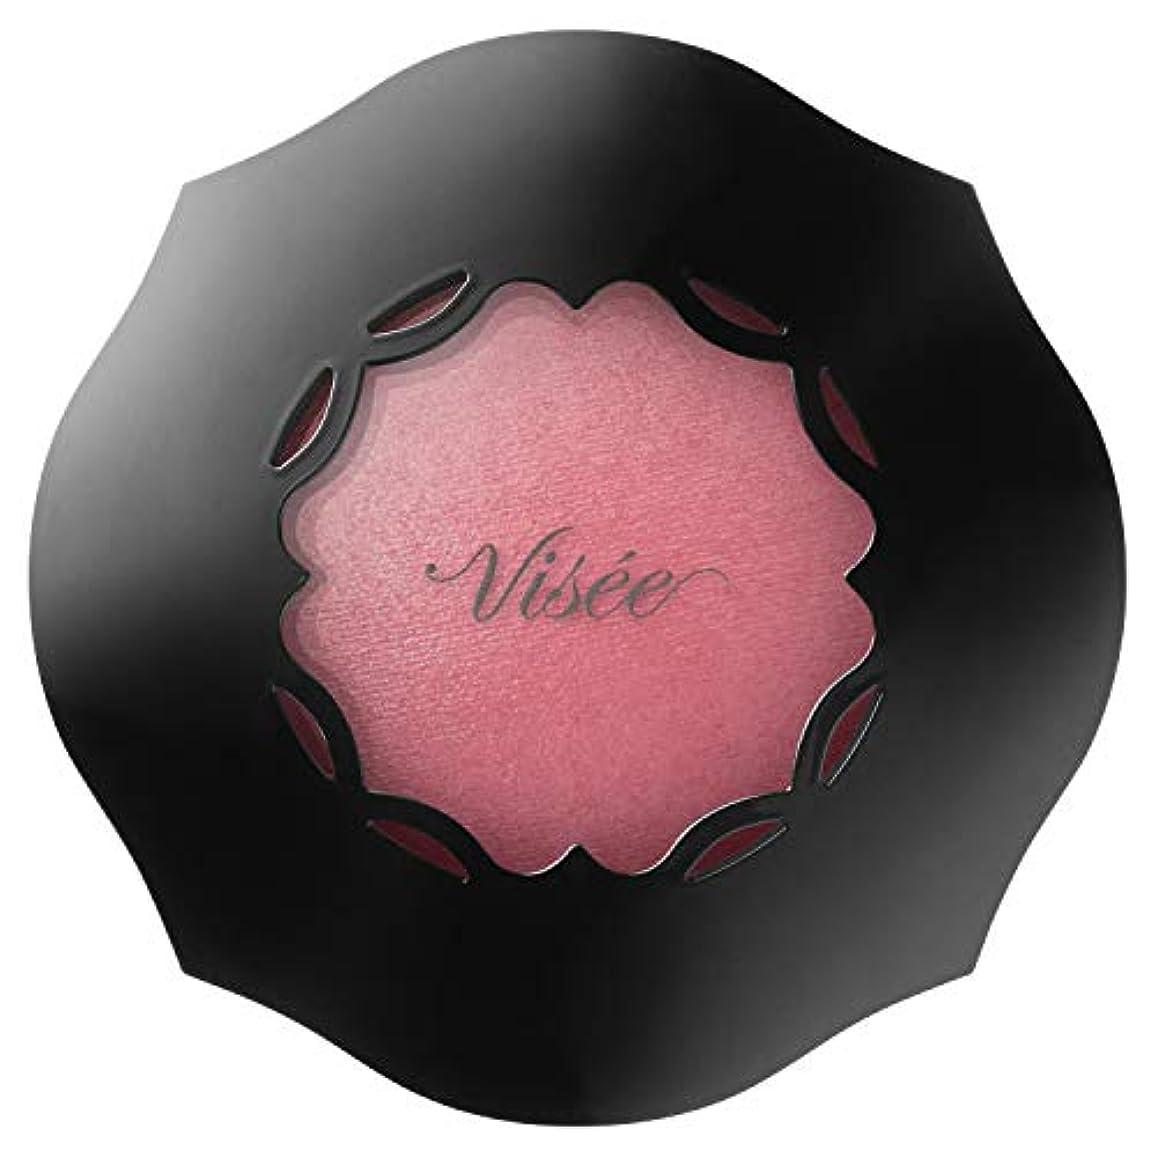 ネーピアジャケット等Visee(ヴィセ) フォギーオンチークス N ピンク 5g